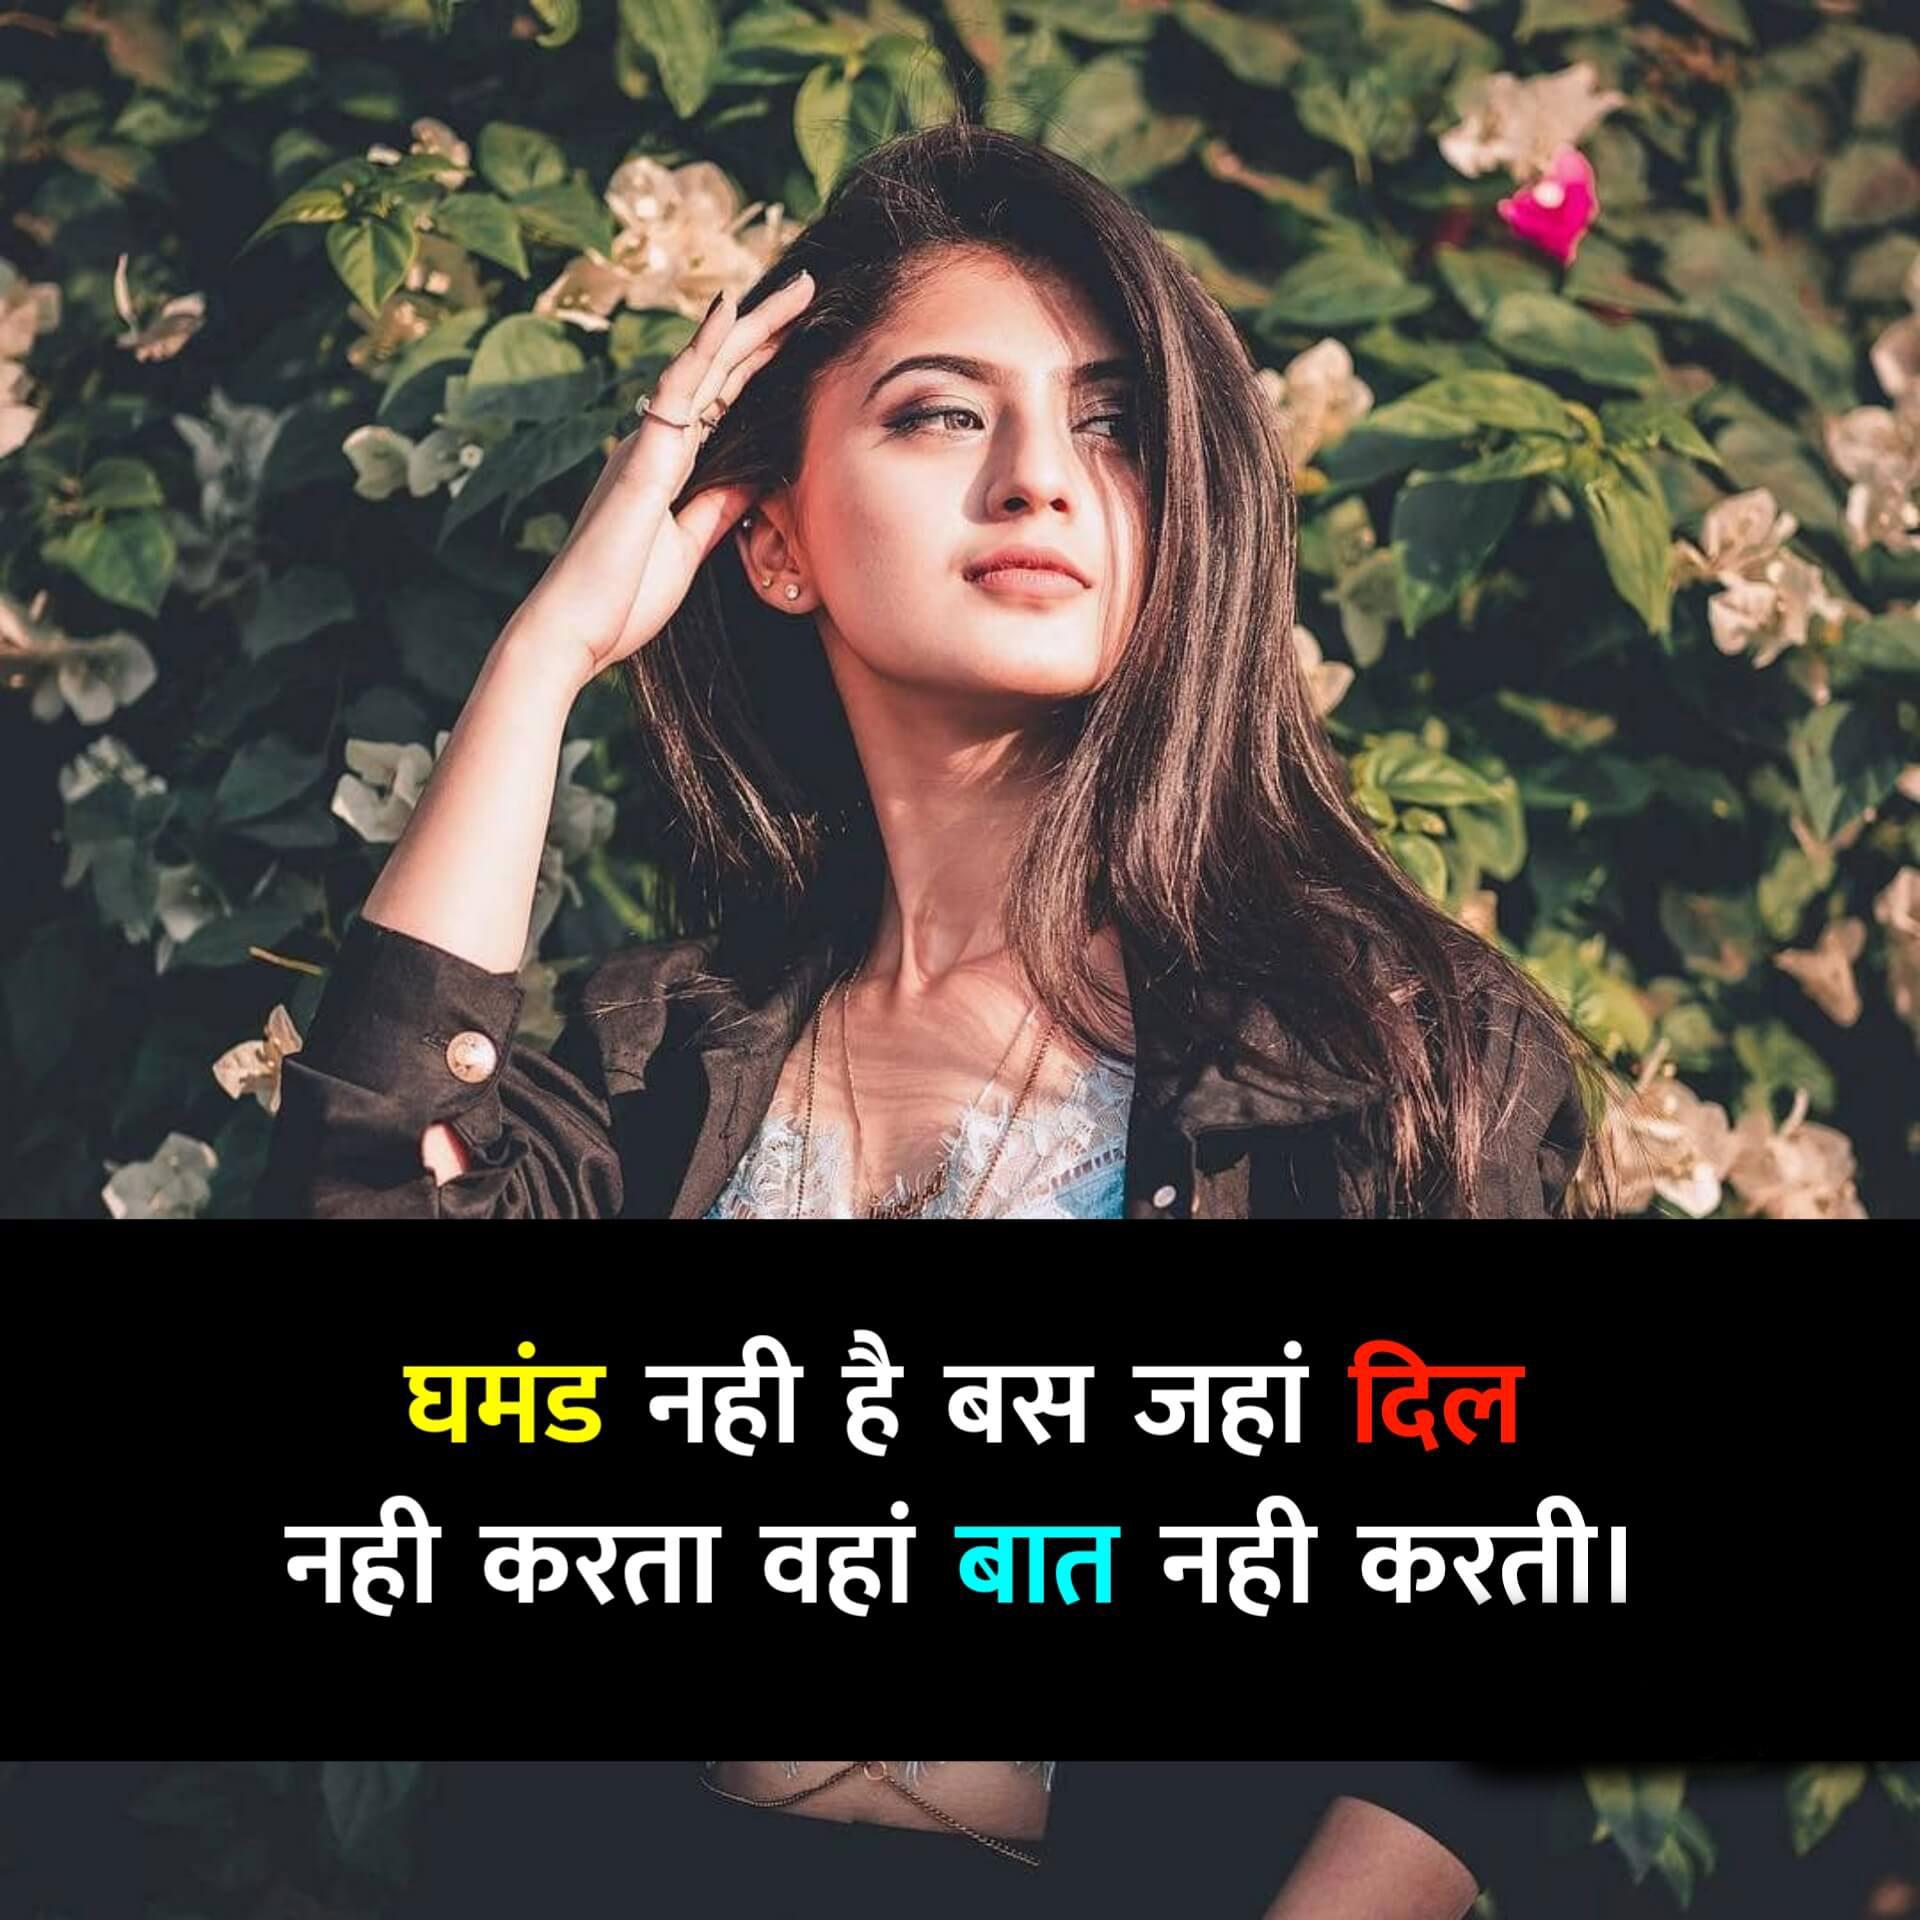 attitude girl Status Dp Images